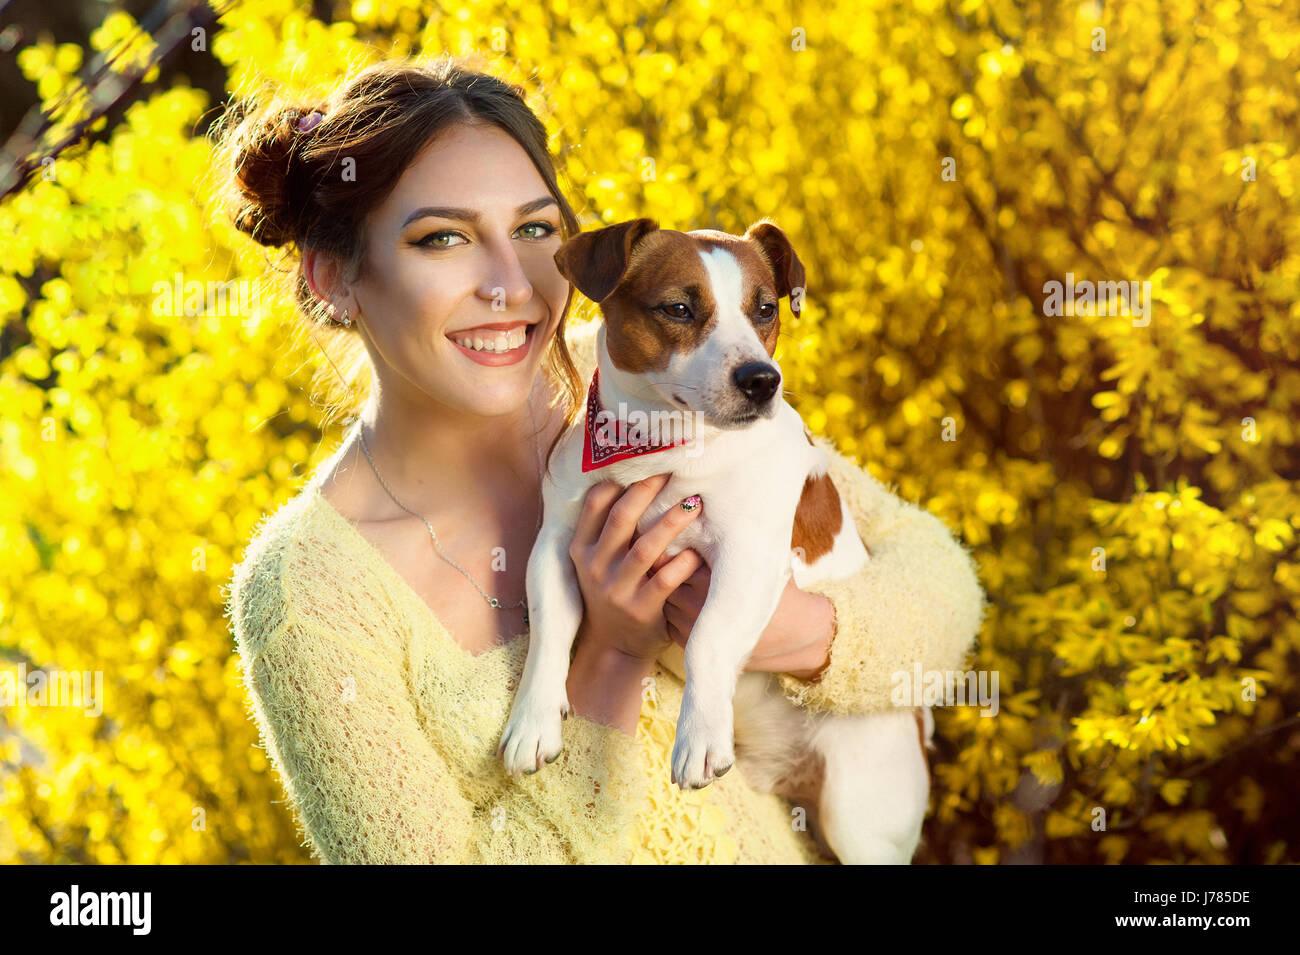 Bella mujer jugando con su perro. La serie de retratos al aire libre. Imagen De Stock